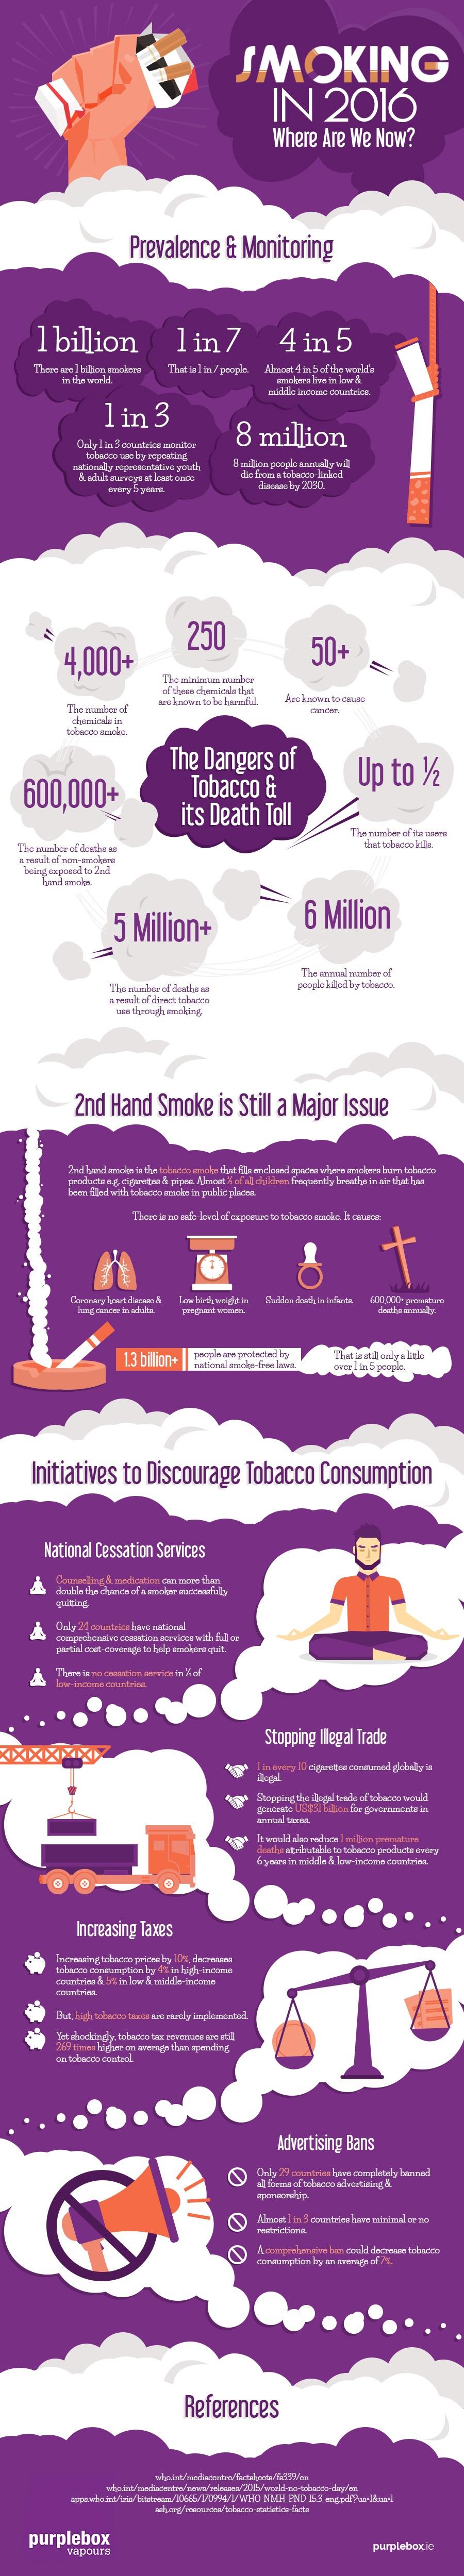 smoking in 2016